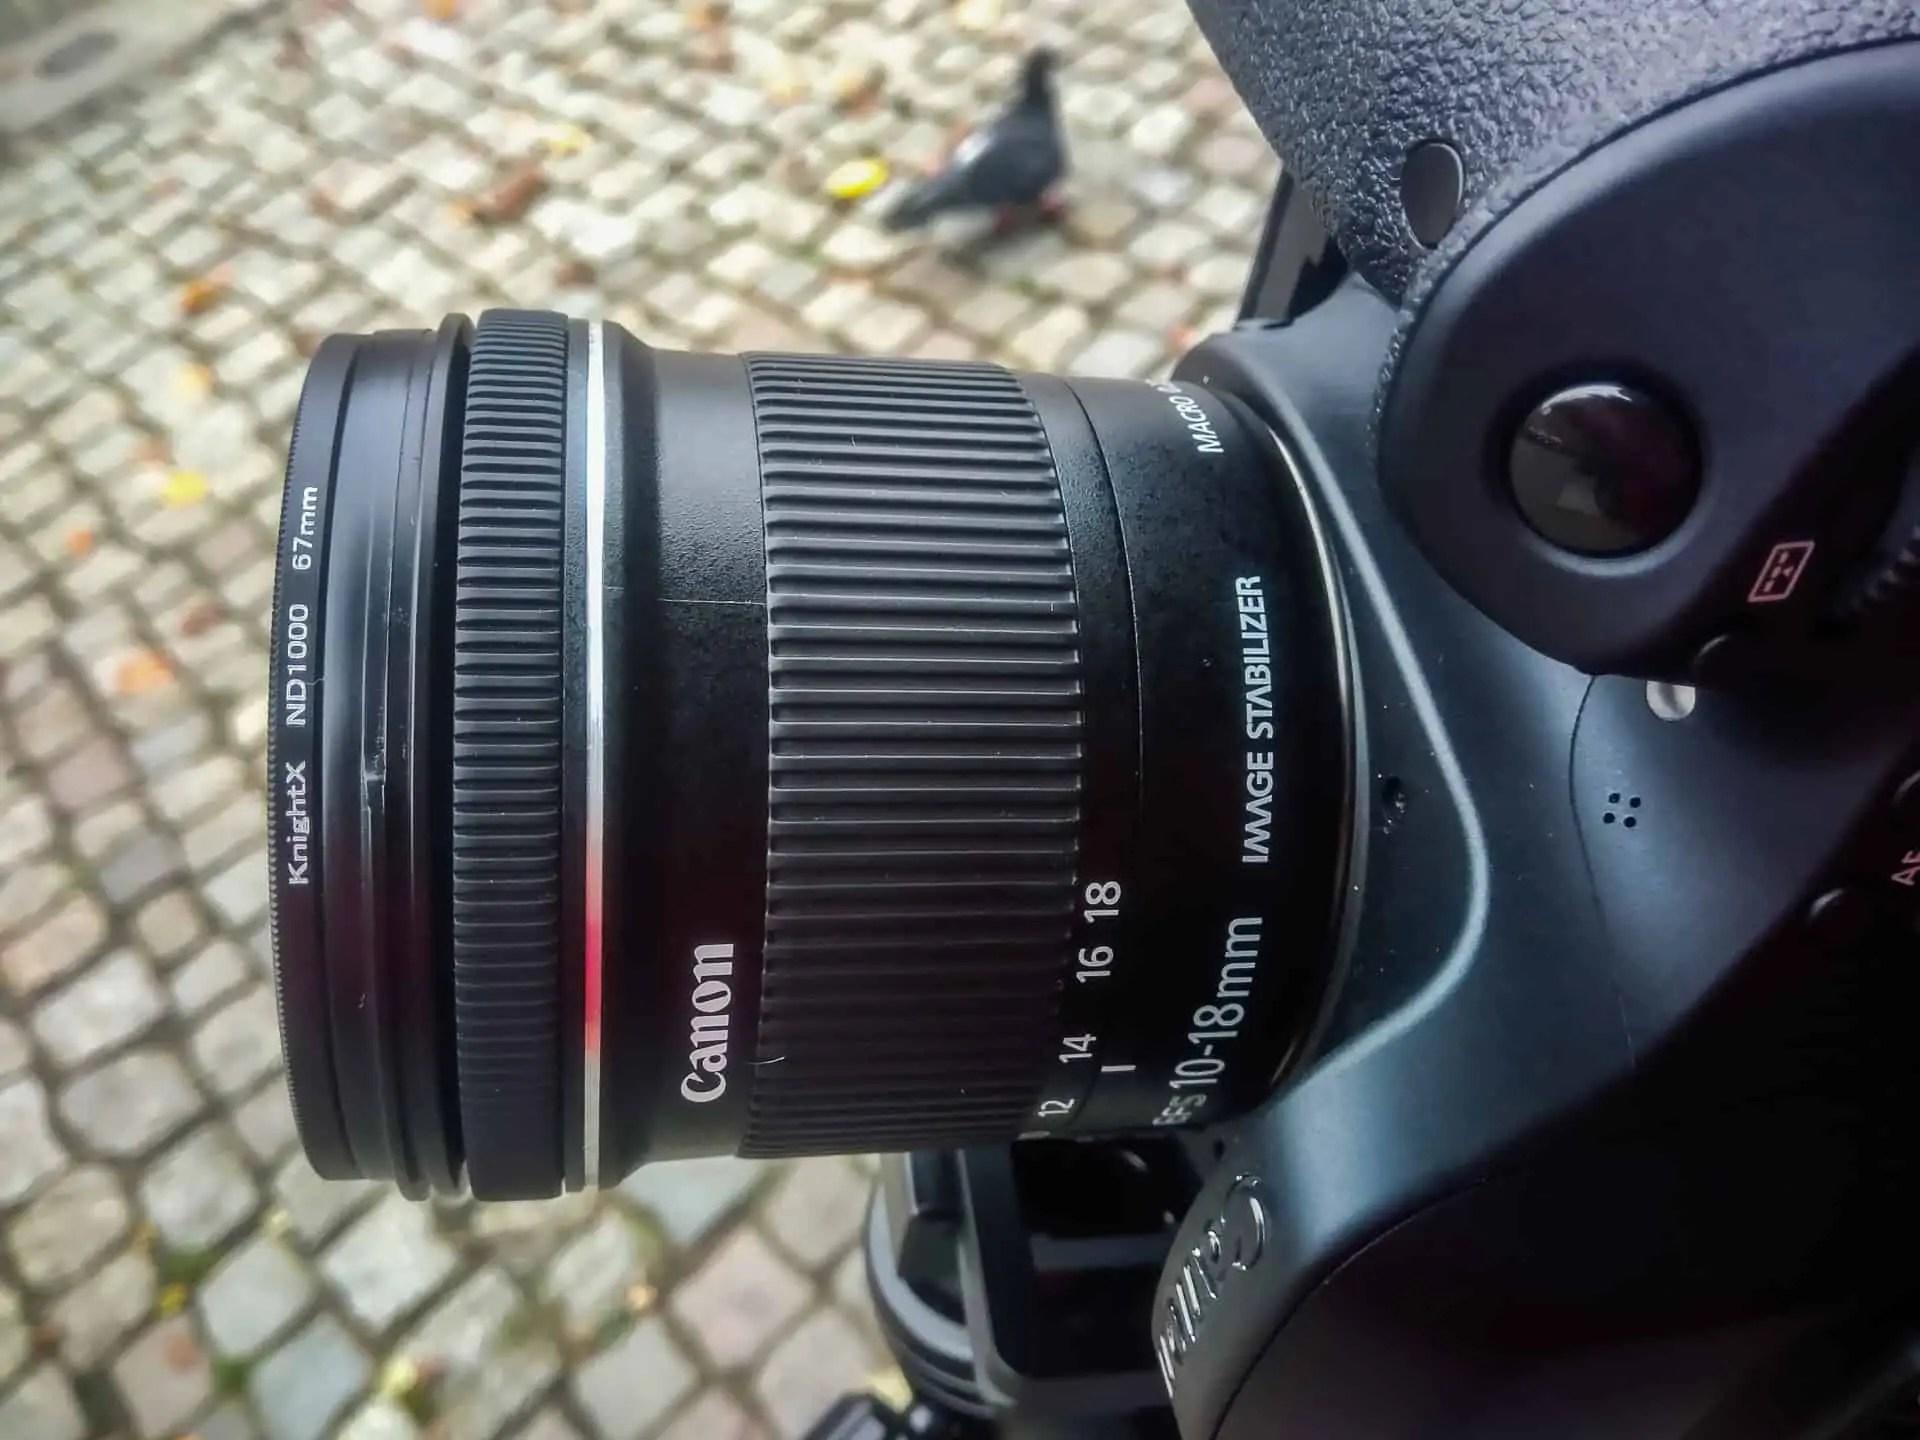 Knightx filtr szary ND1000 testy filtru z chin Gdańsk 4 - Długi czas naświetlania zdjęcia - 3 długie ekspozycje!